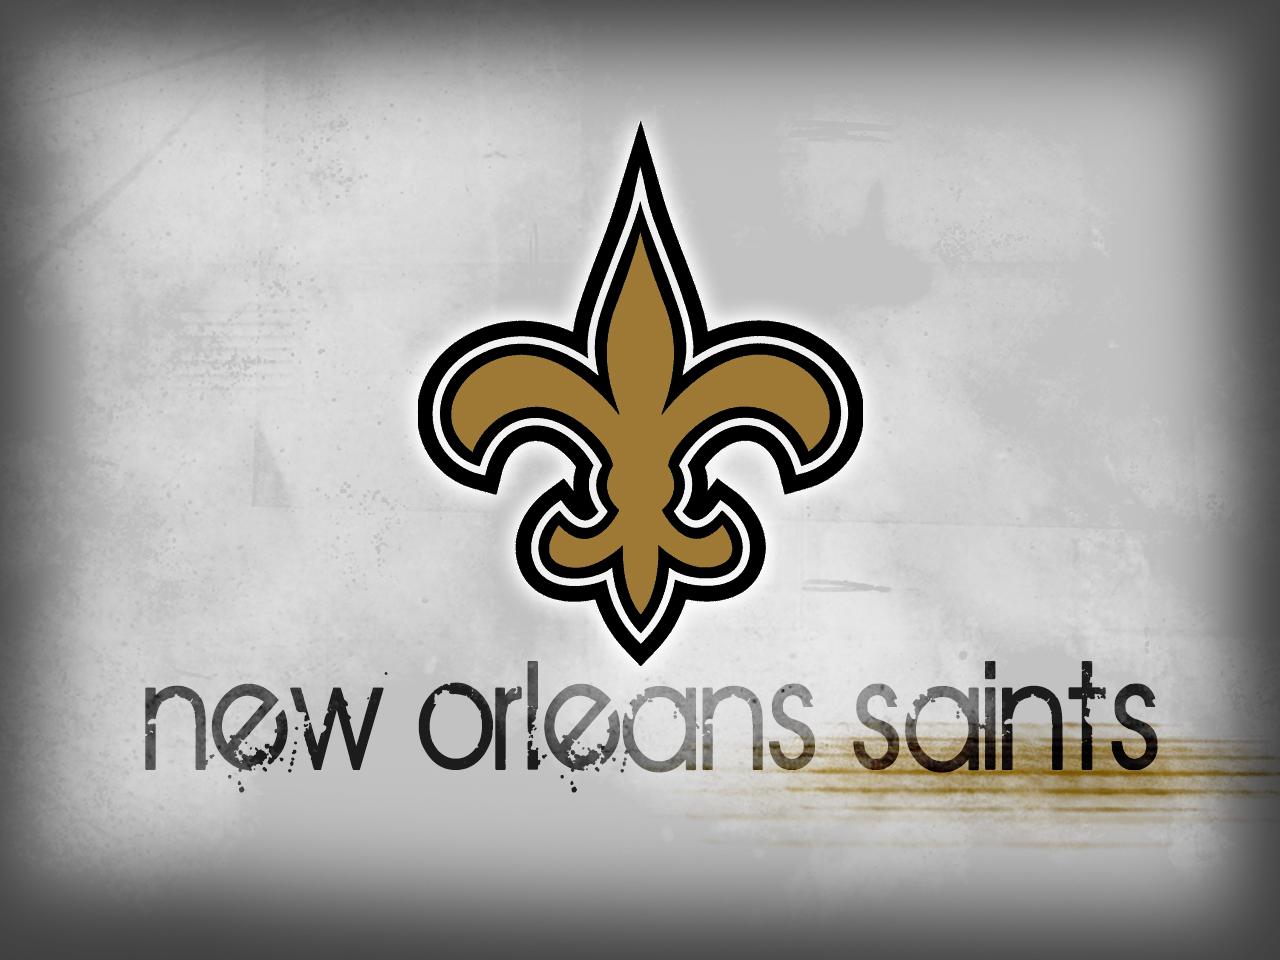 ew orleans saints